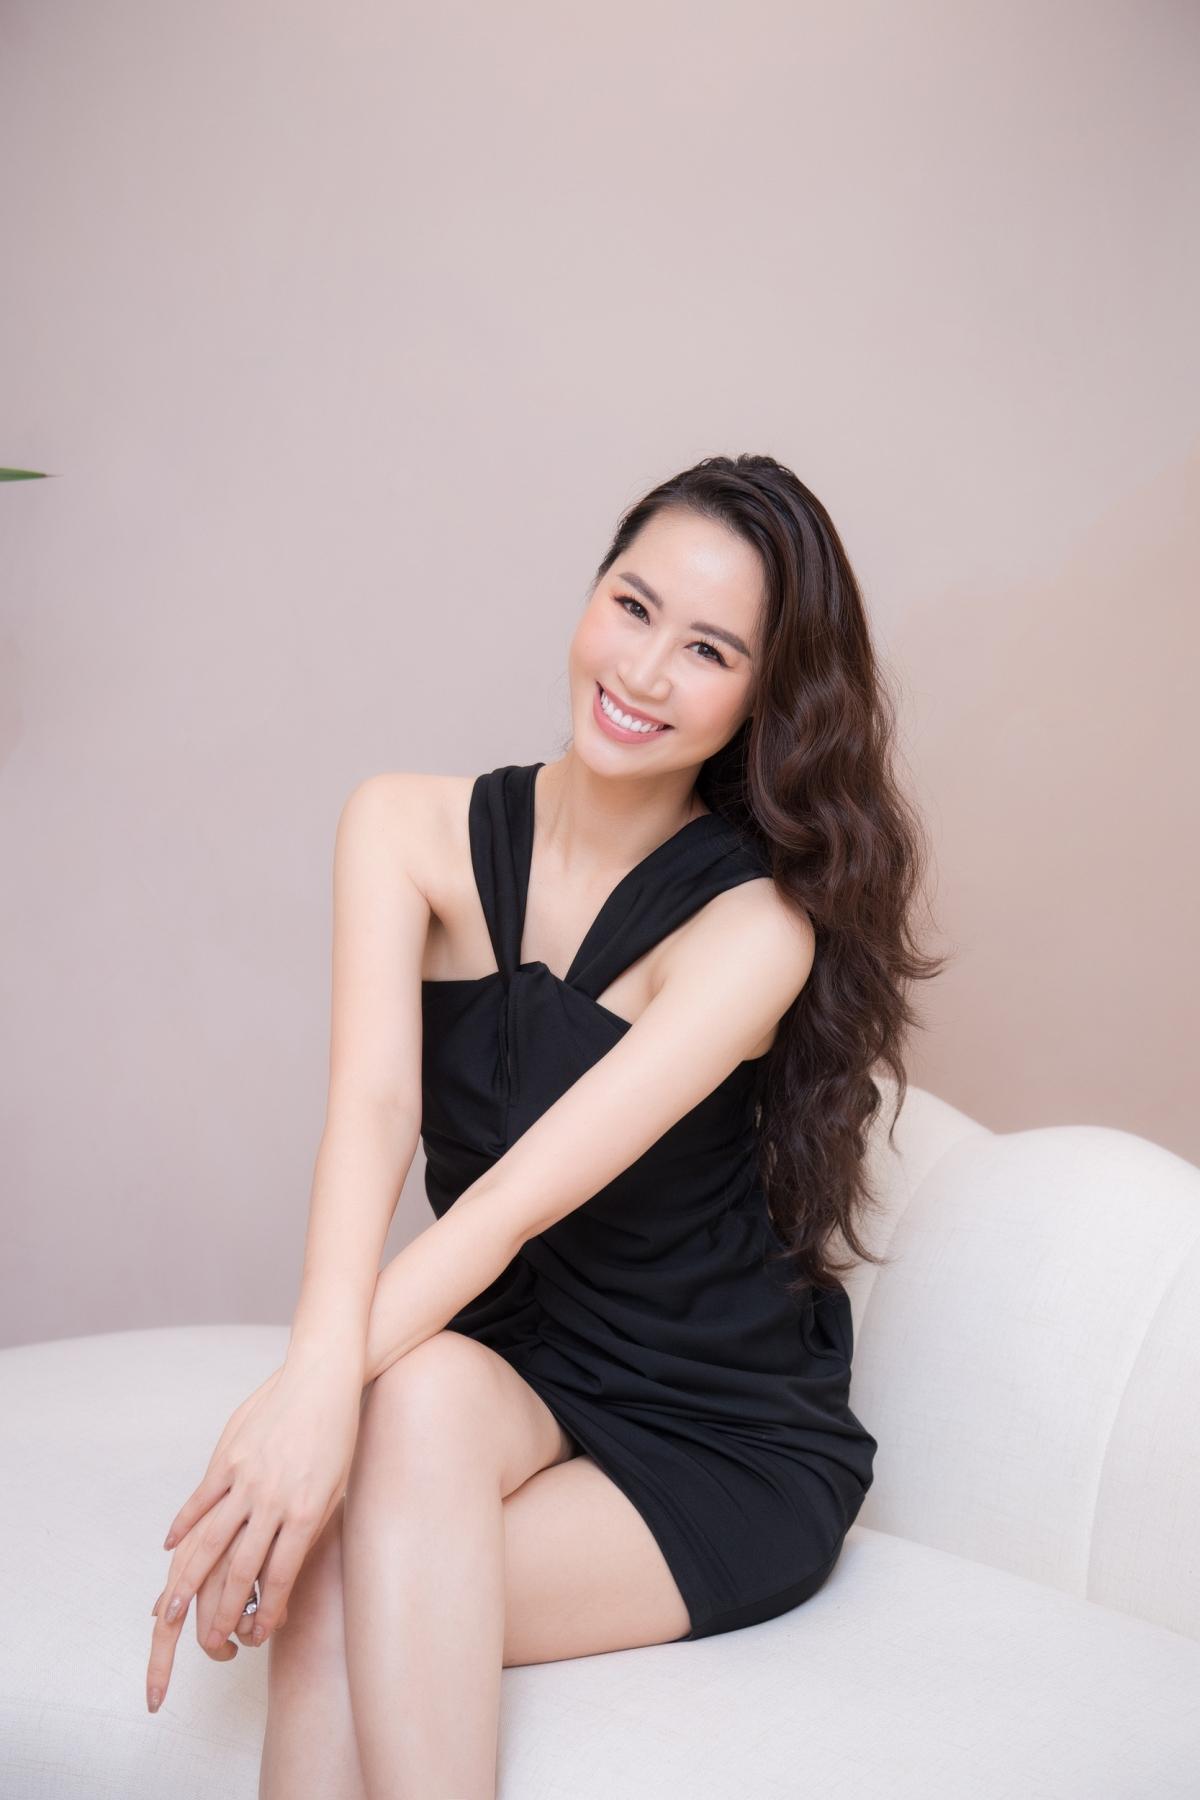 Có mặt tại sự kiện từ sớm, Hoa hậu Dương Thùy Linh thu hút sự chú ý với đầm đen bó sát.